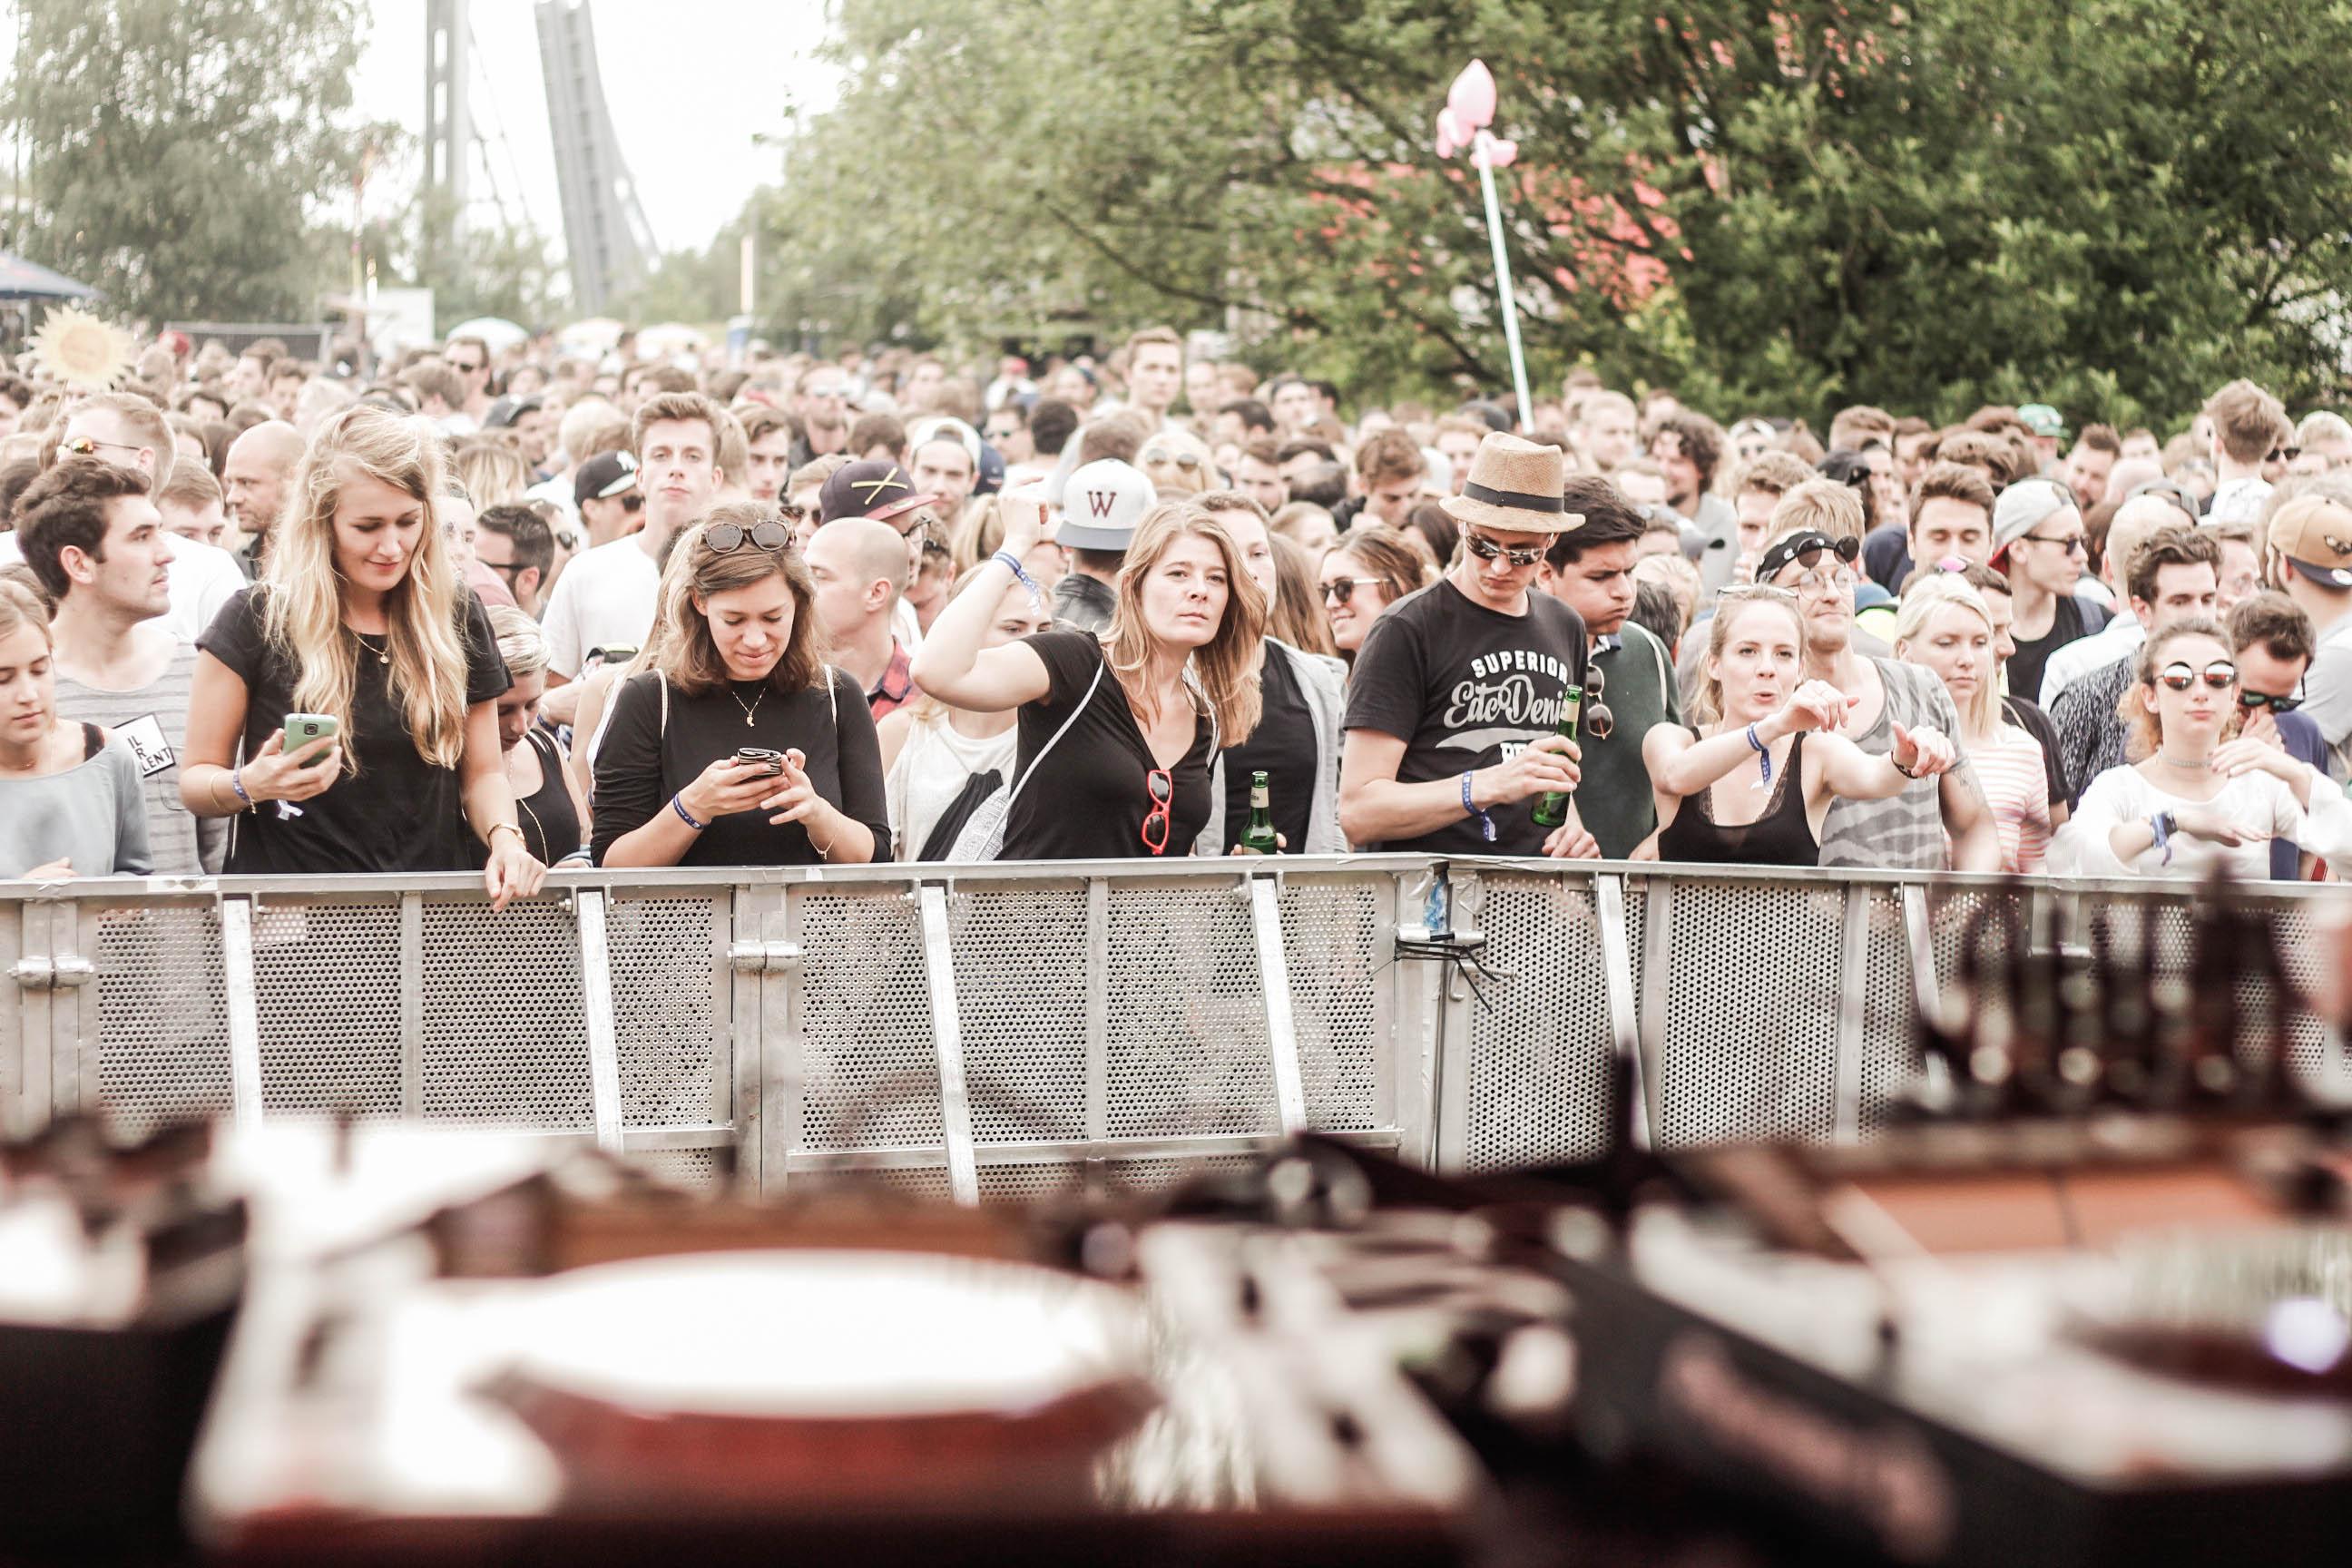 Festival-Sommer in Deutschland – wir machen den Style Check mit den Gästen